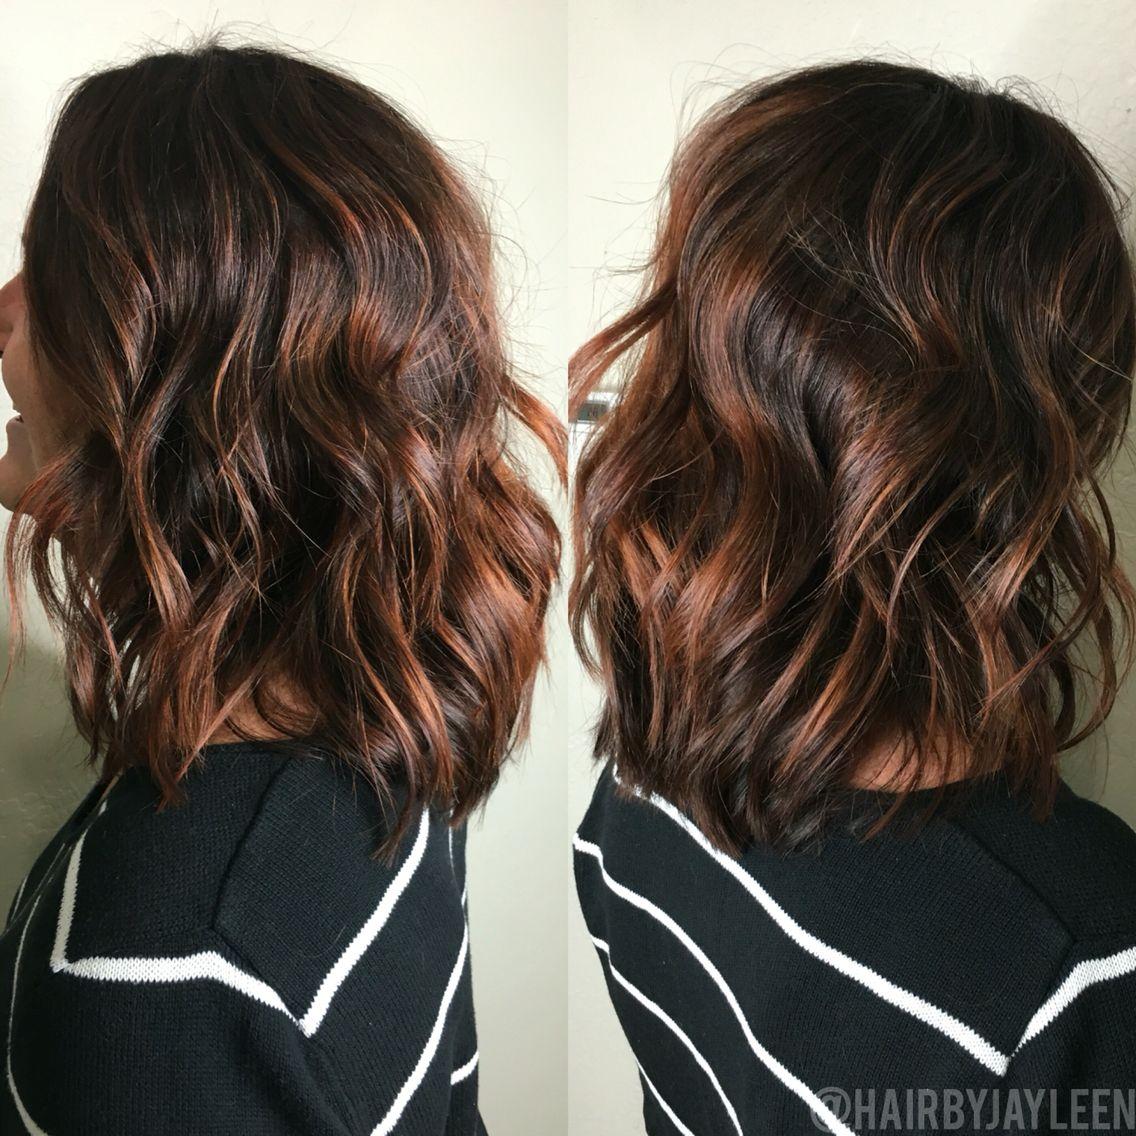 Balayage Brown Hair Balayage Dark Hair Brunette Hair Copper Balayage Lob Short Hairstyles Textured Brown Hair Balayage Balayage Hair Dark Copper Balayage